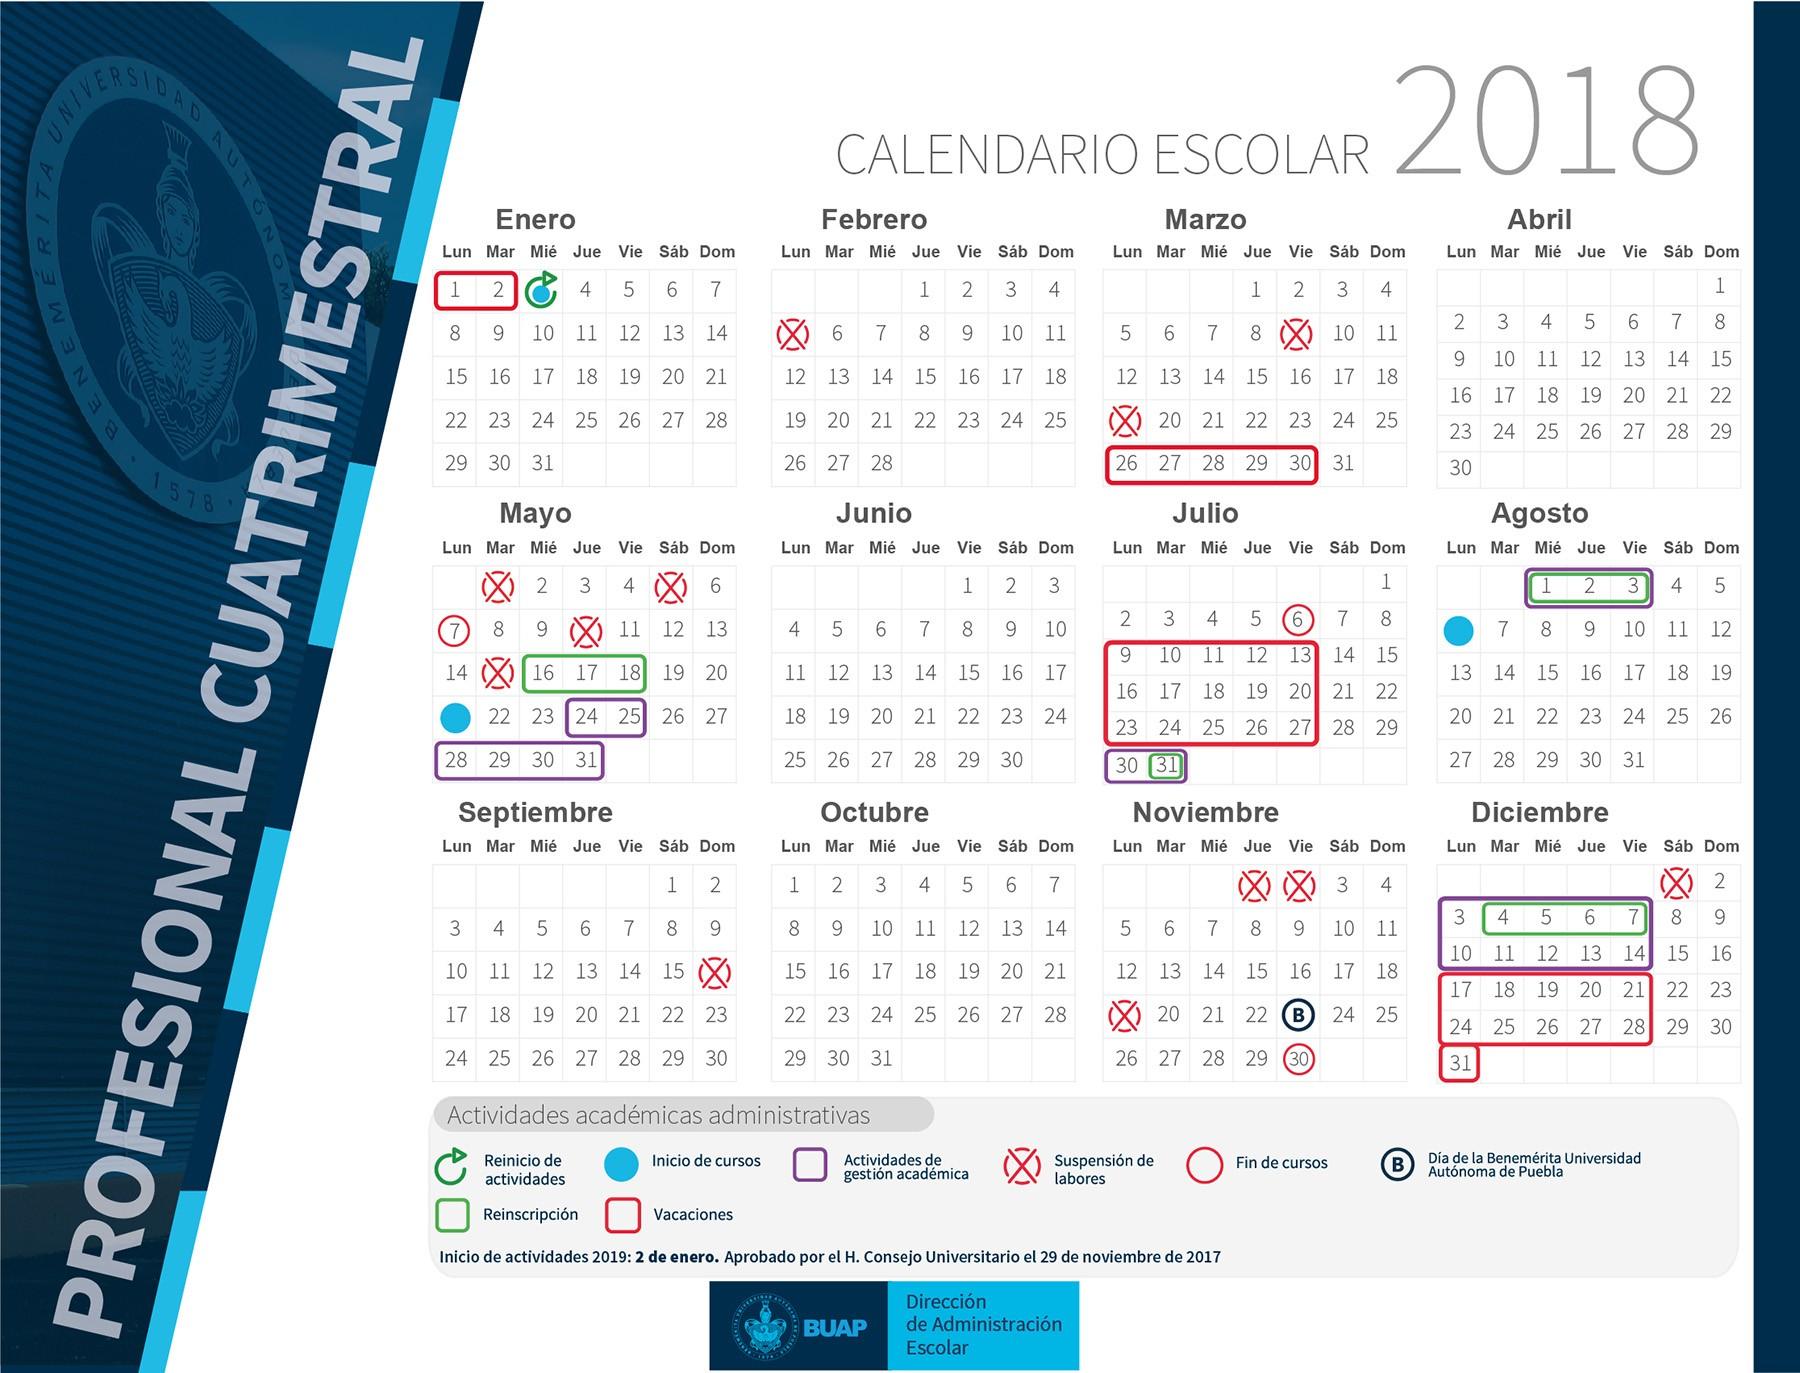 Calendario Escolar 2019 Para Imprimir Com Feriados Recientes Calendario Escolar Of Calendario Escolar 2019 Para Imprimir Com Feriados Más Actual Calendario Escolar 2018